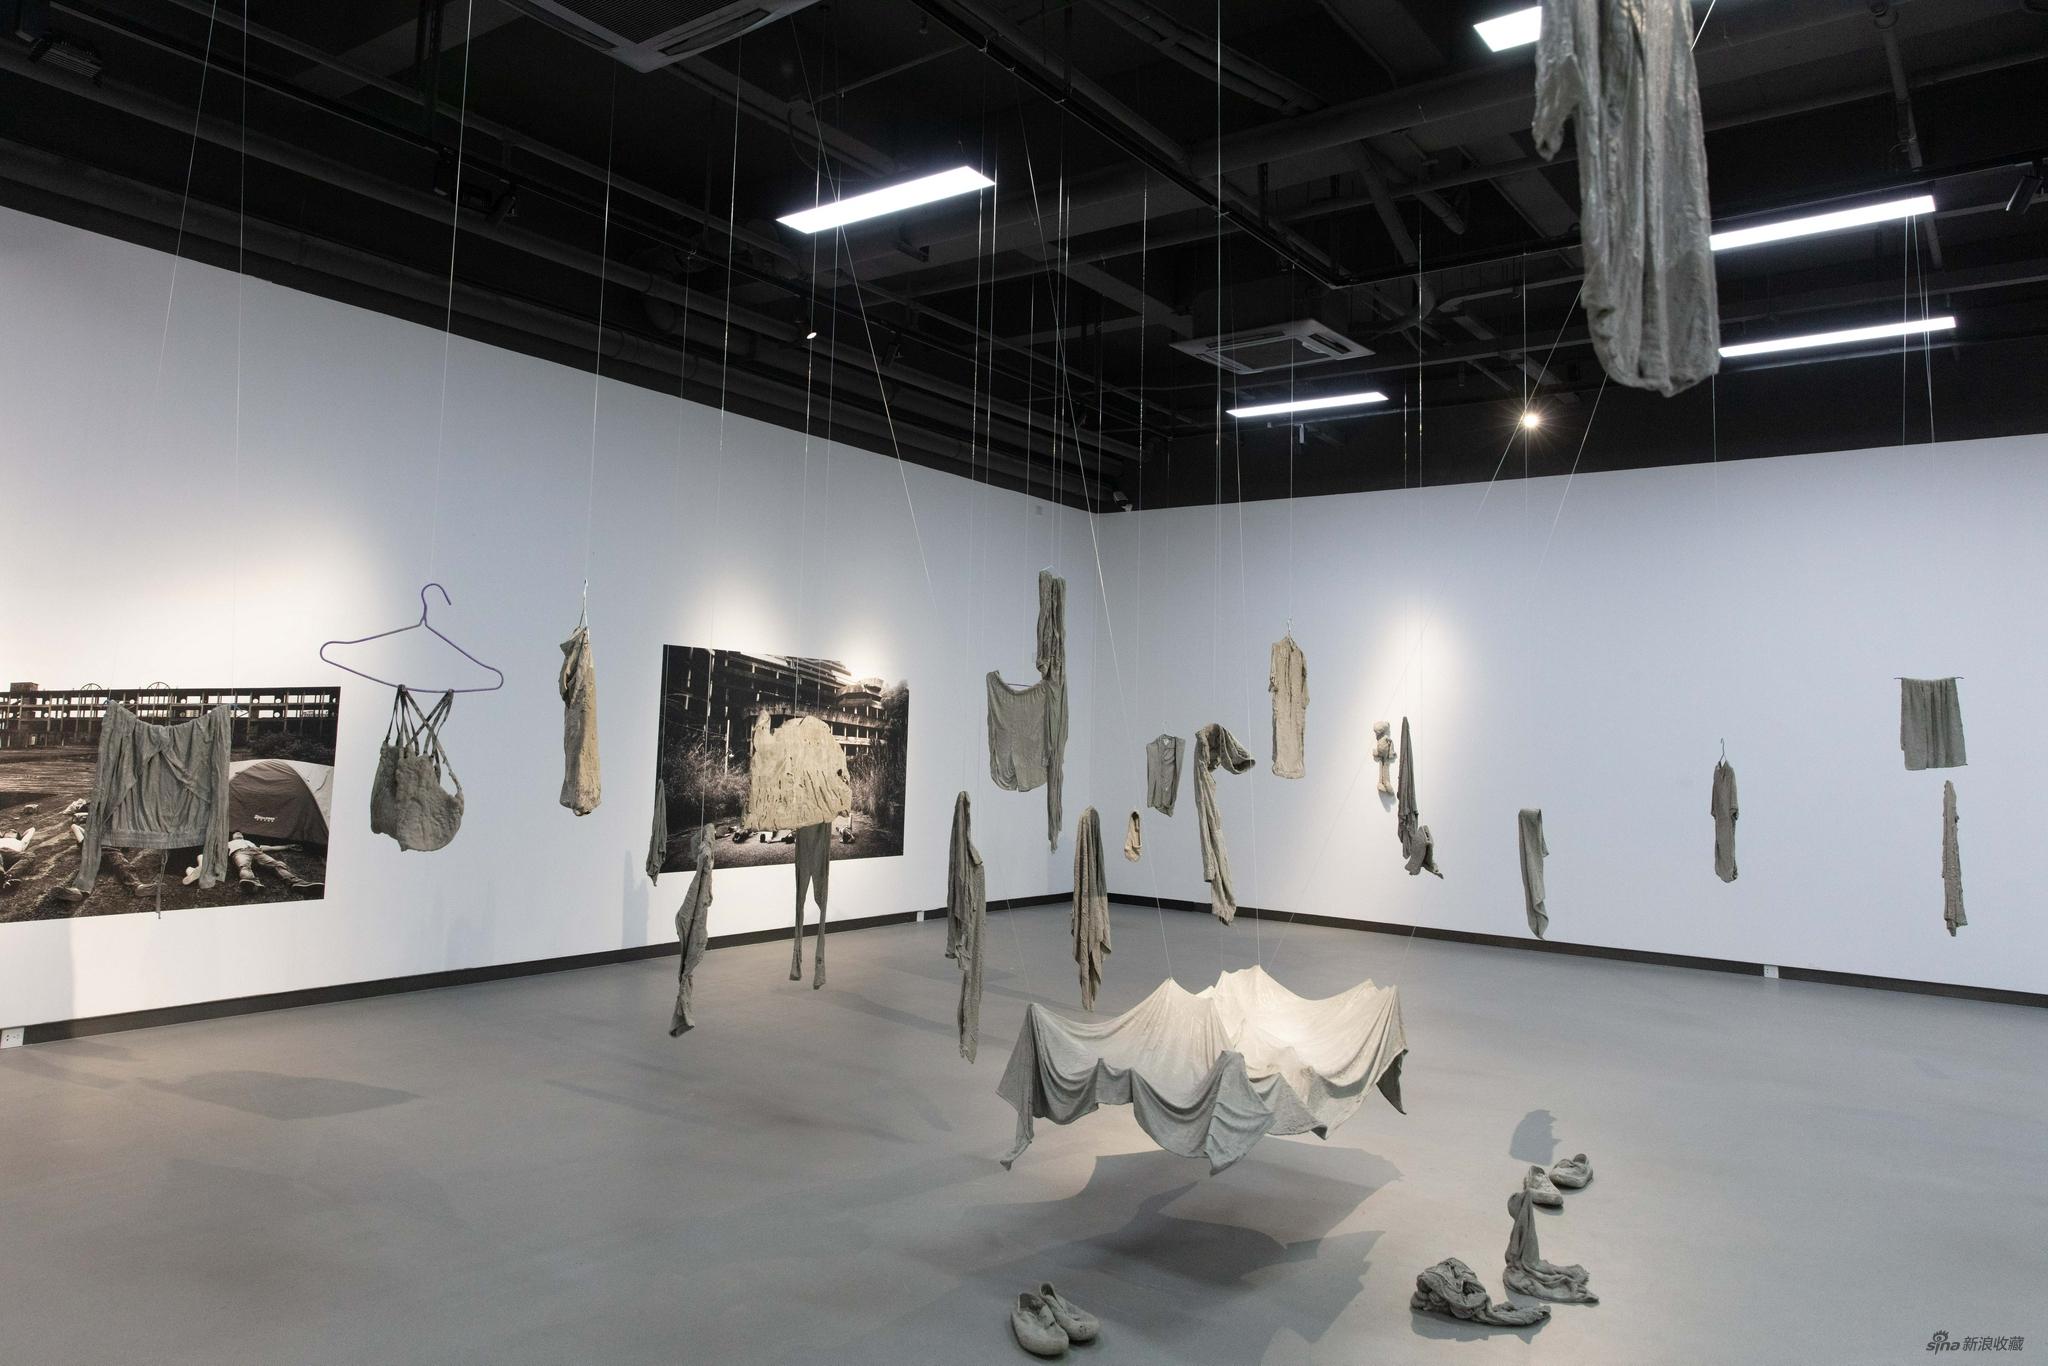 二打六小组 《重新雕塑系列作品》 综合材料(尺寸可变) 2016-2020